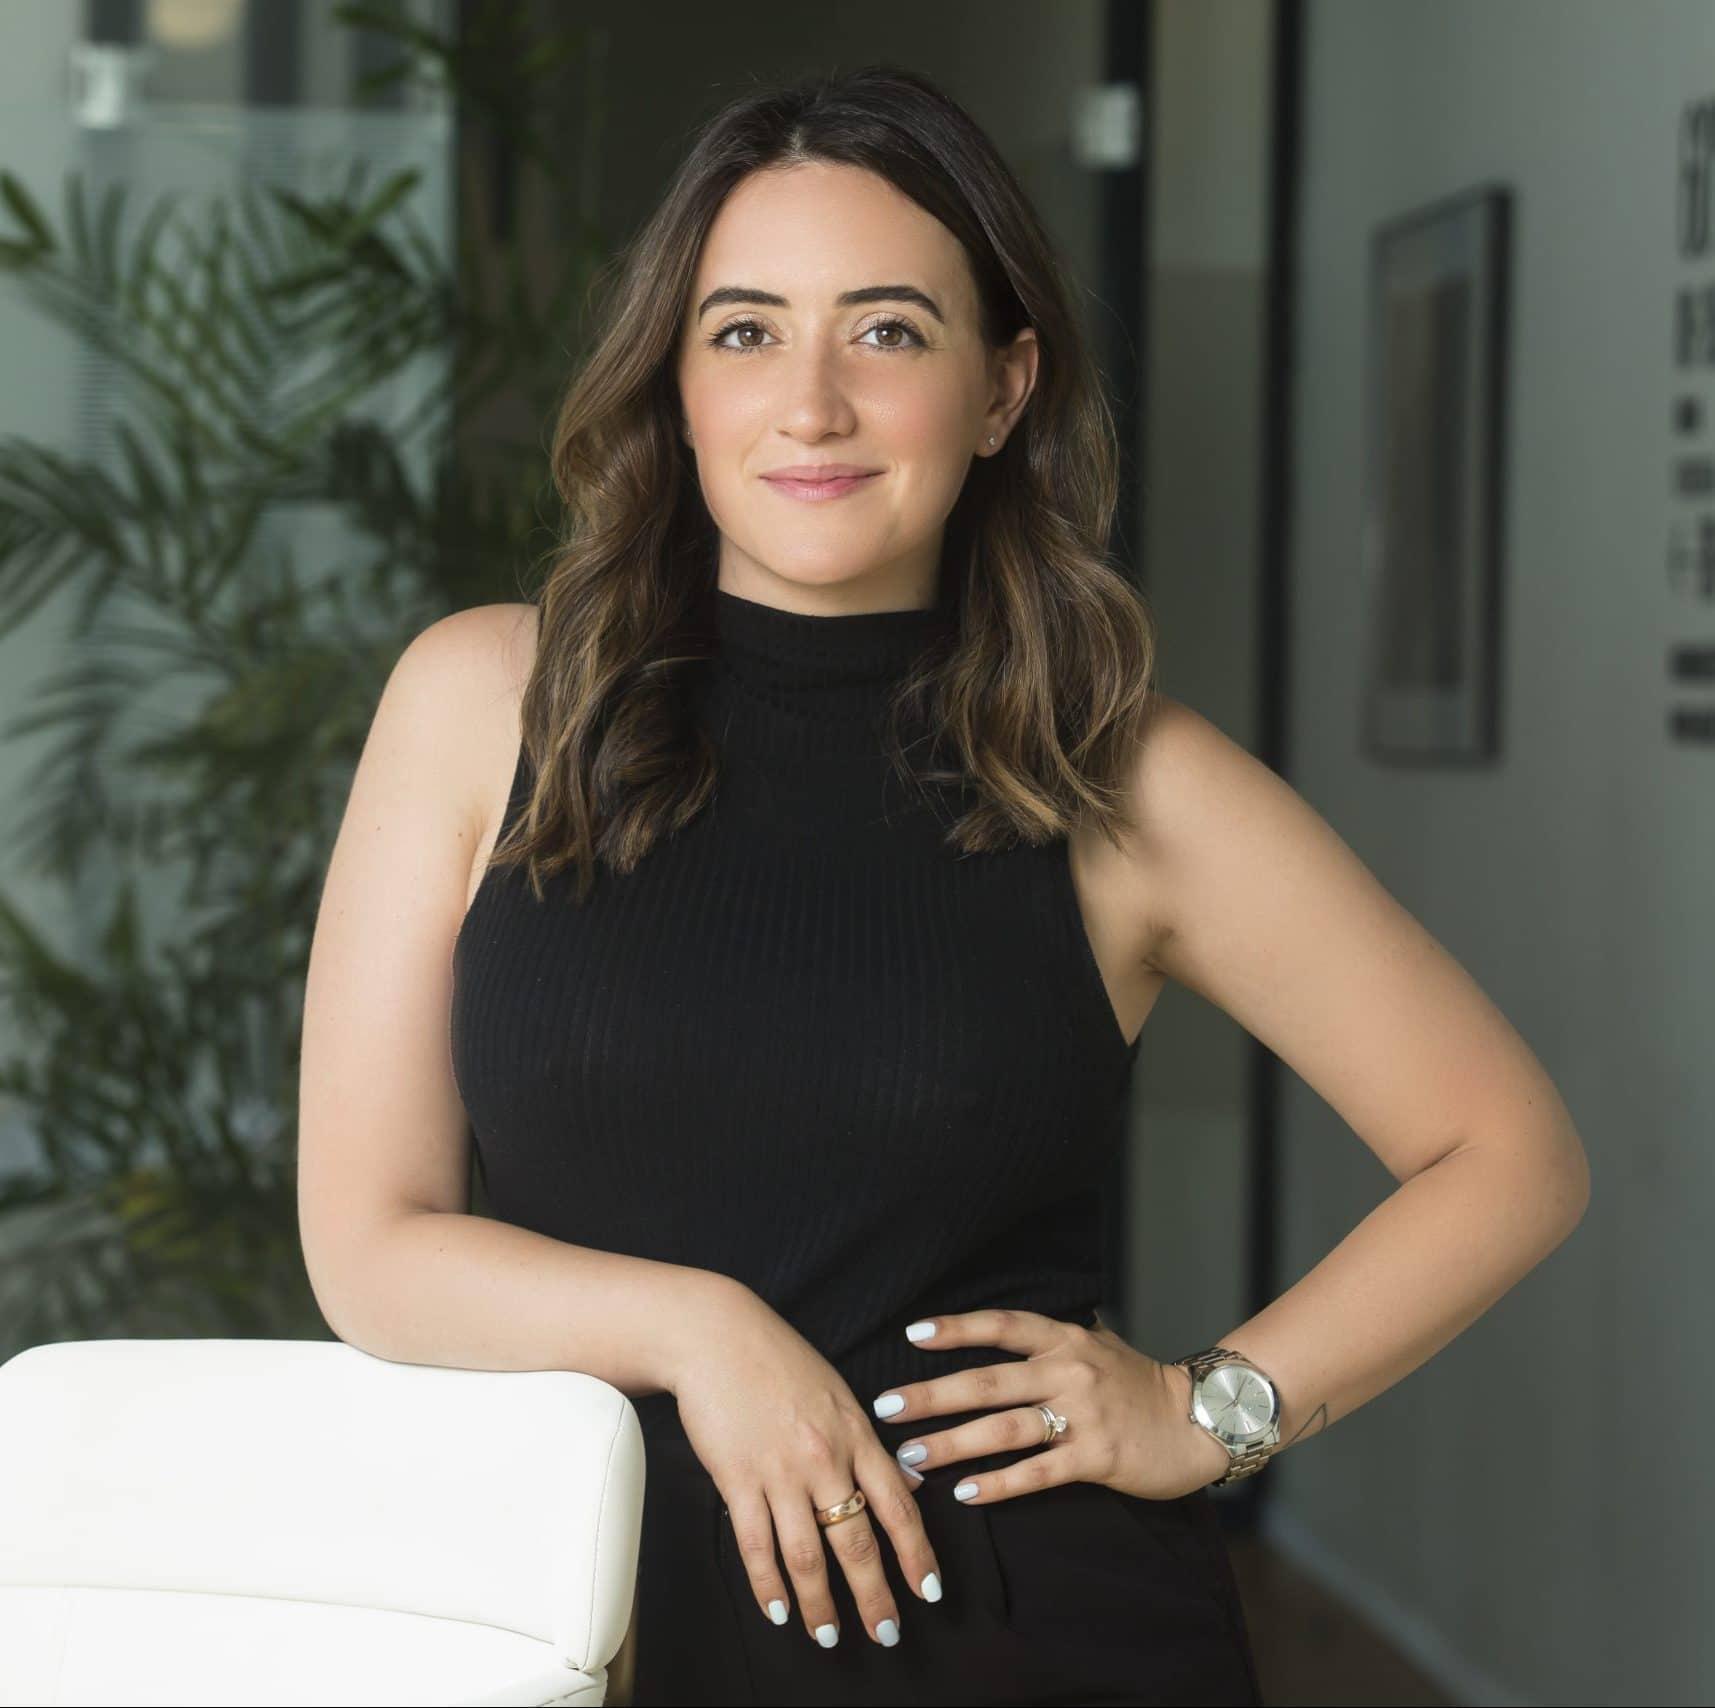 דנה כוכבי מנהלת תחום הרצאות ותקשורת